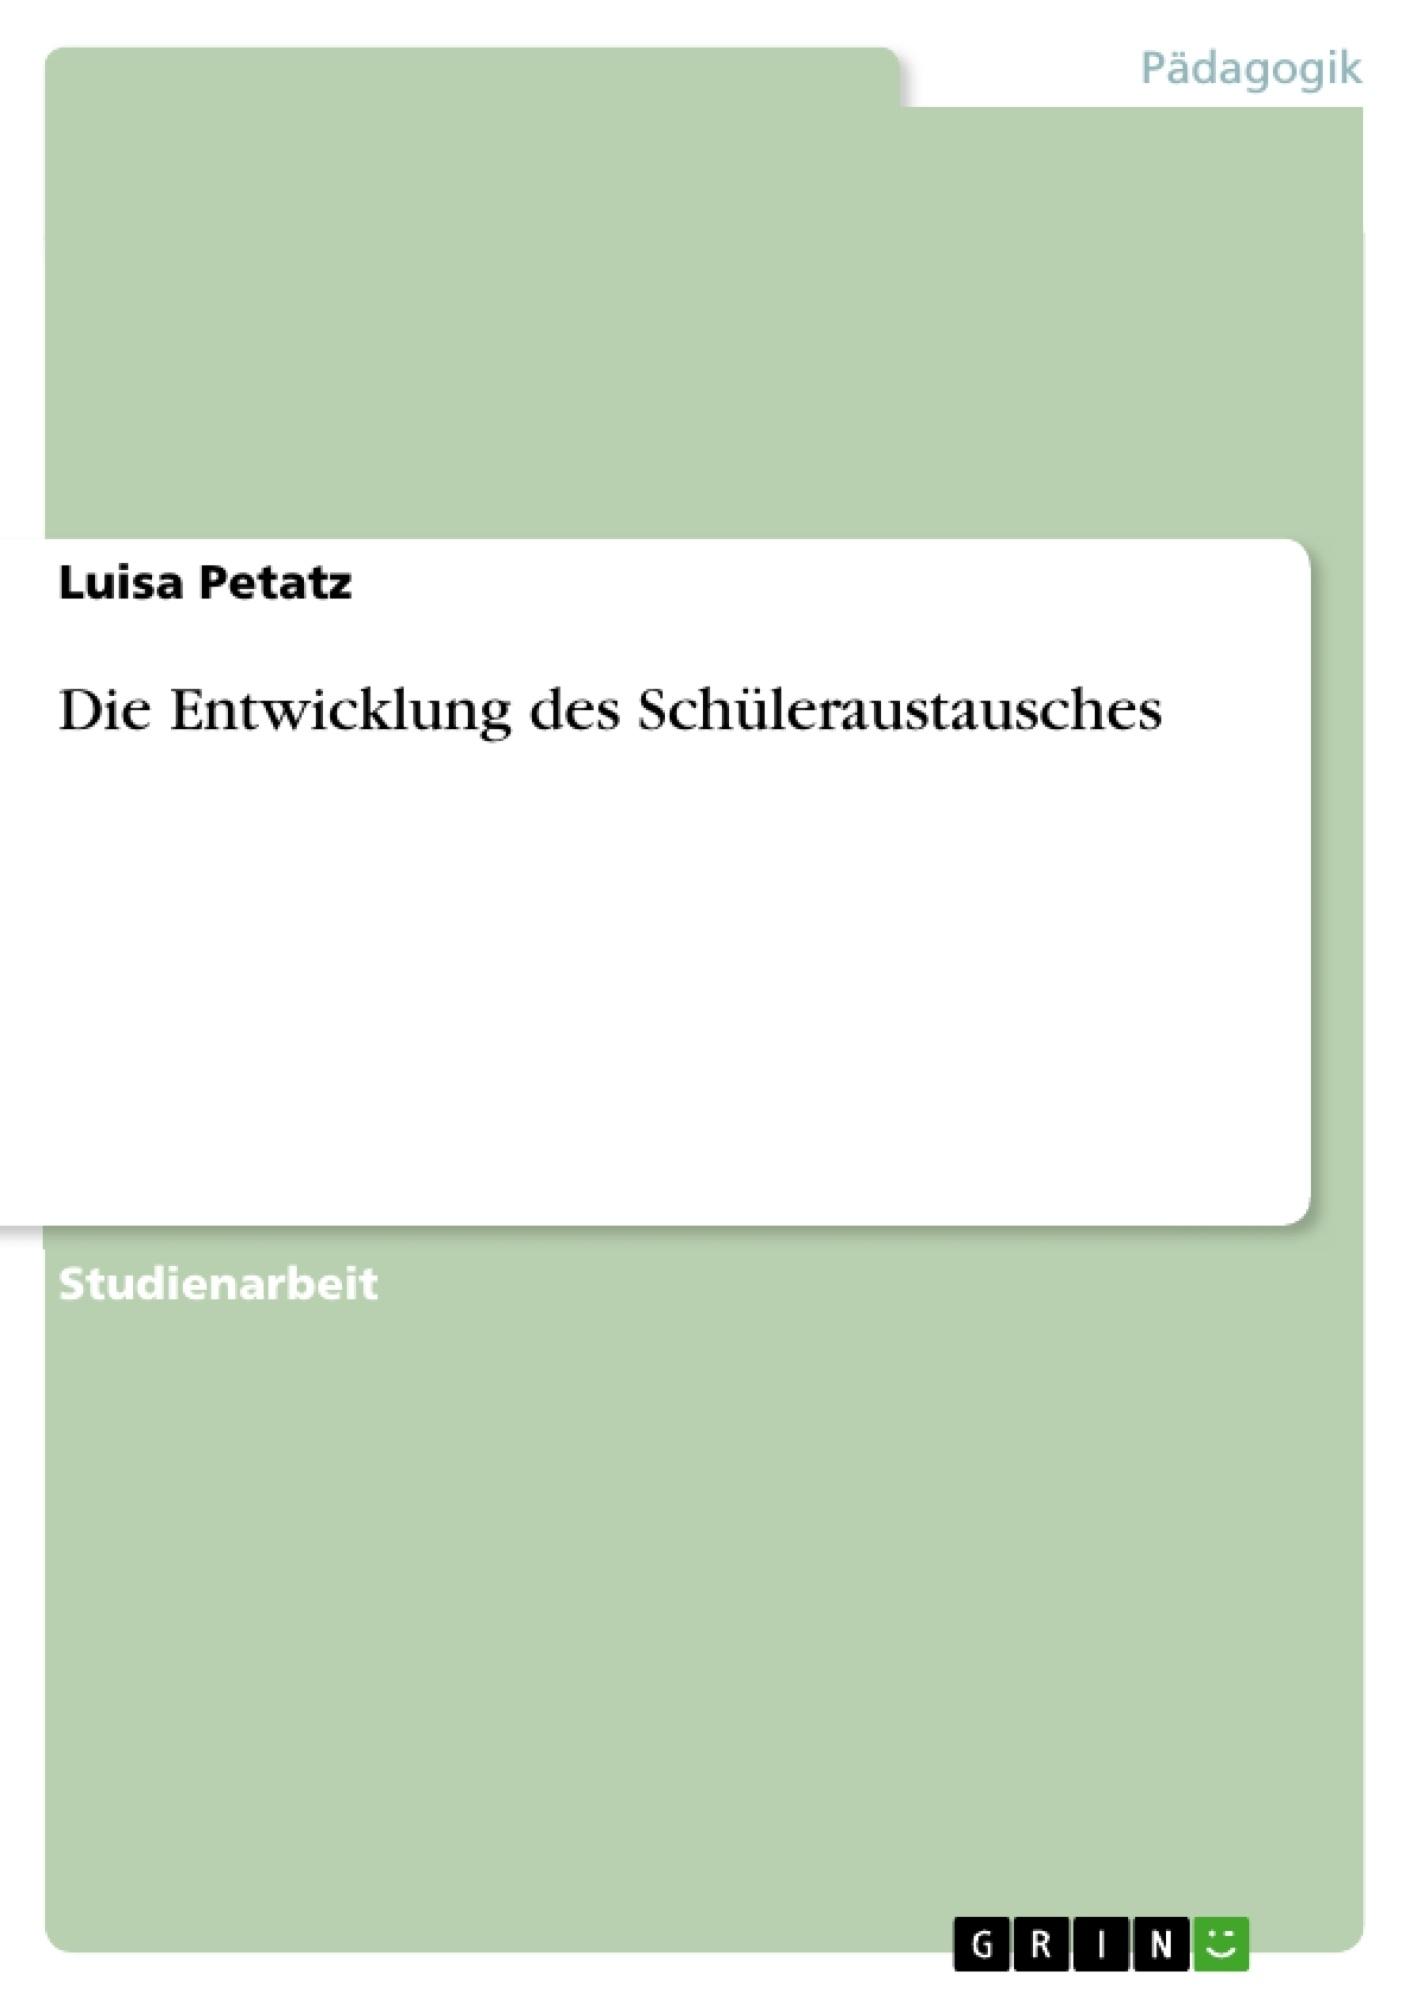 Titel: Die Entwicklung des Schüleraustausches